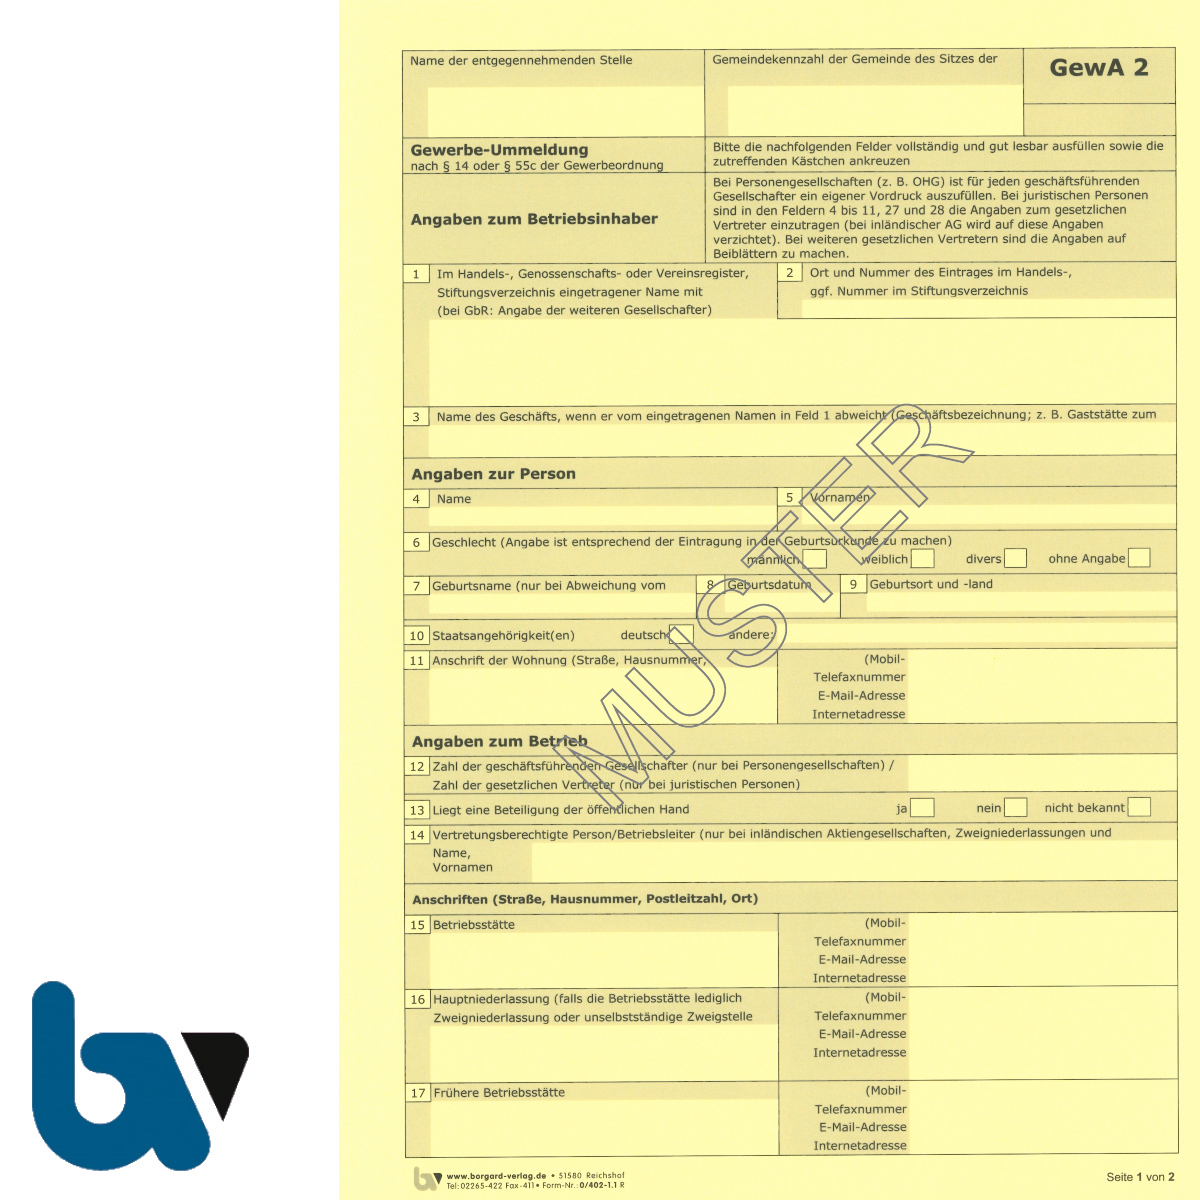 0/402-1.1 Gewerbe Ummeldung Gewa2 Paragraph 14 55c Gewerbeordnung 2-fach selbstdurchschreibend DIN A4 Seite 1 | Borgard Verlag GmbH